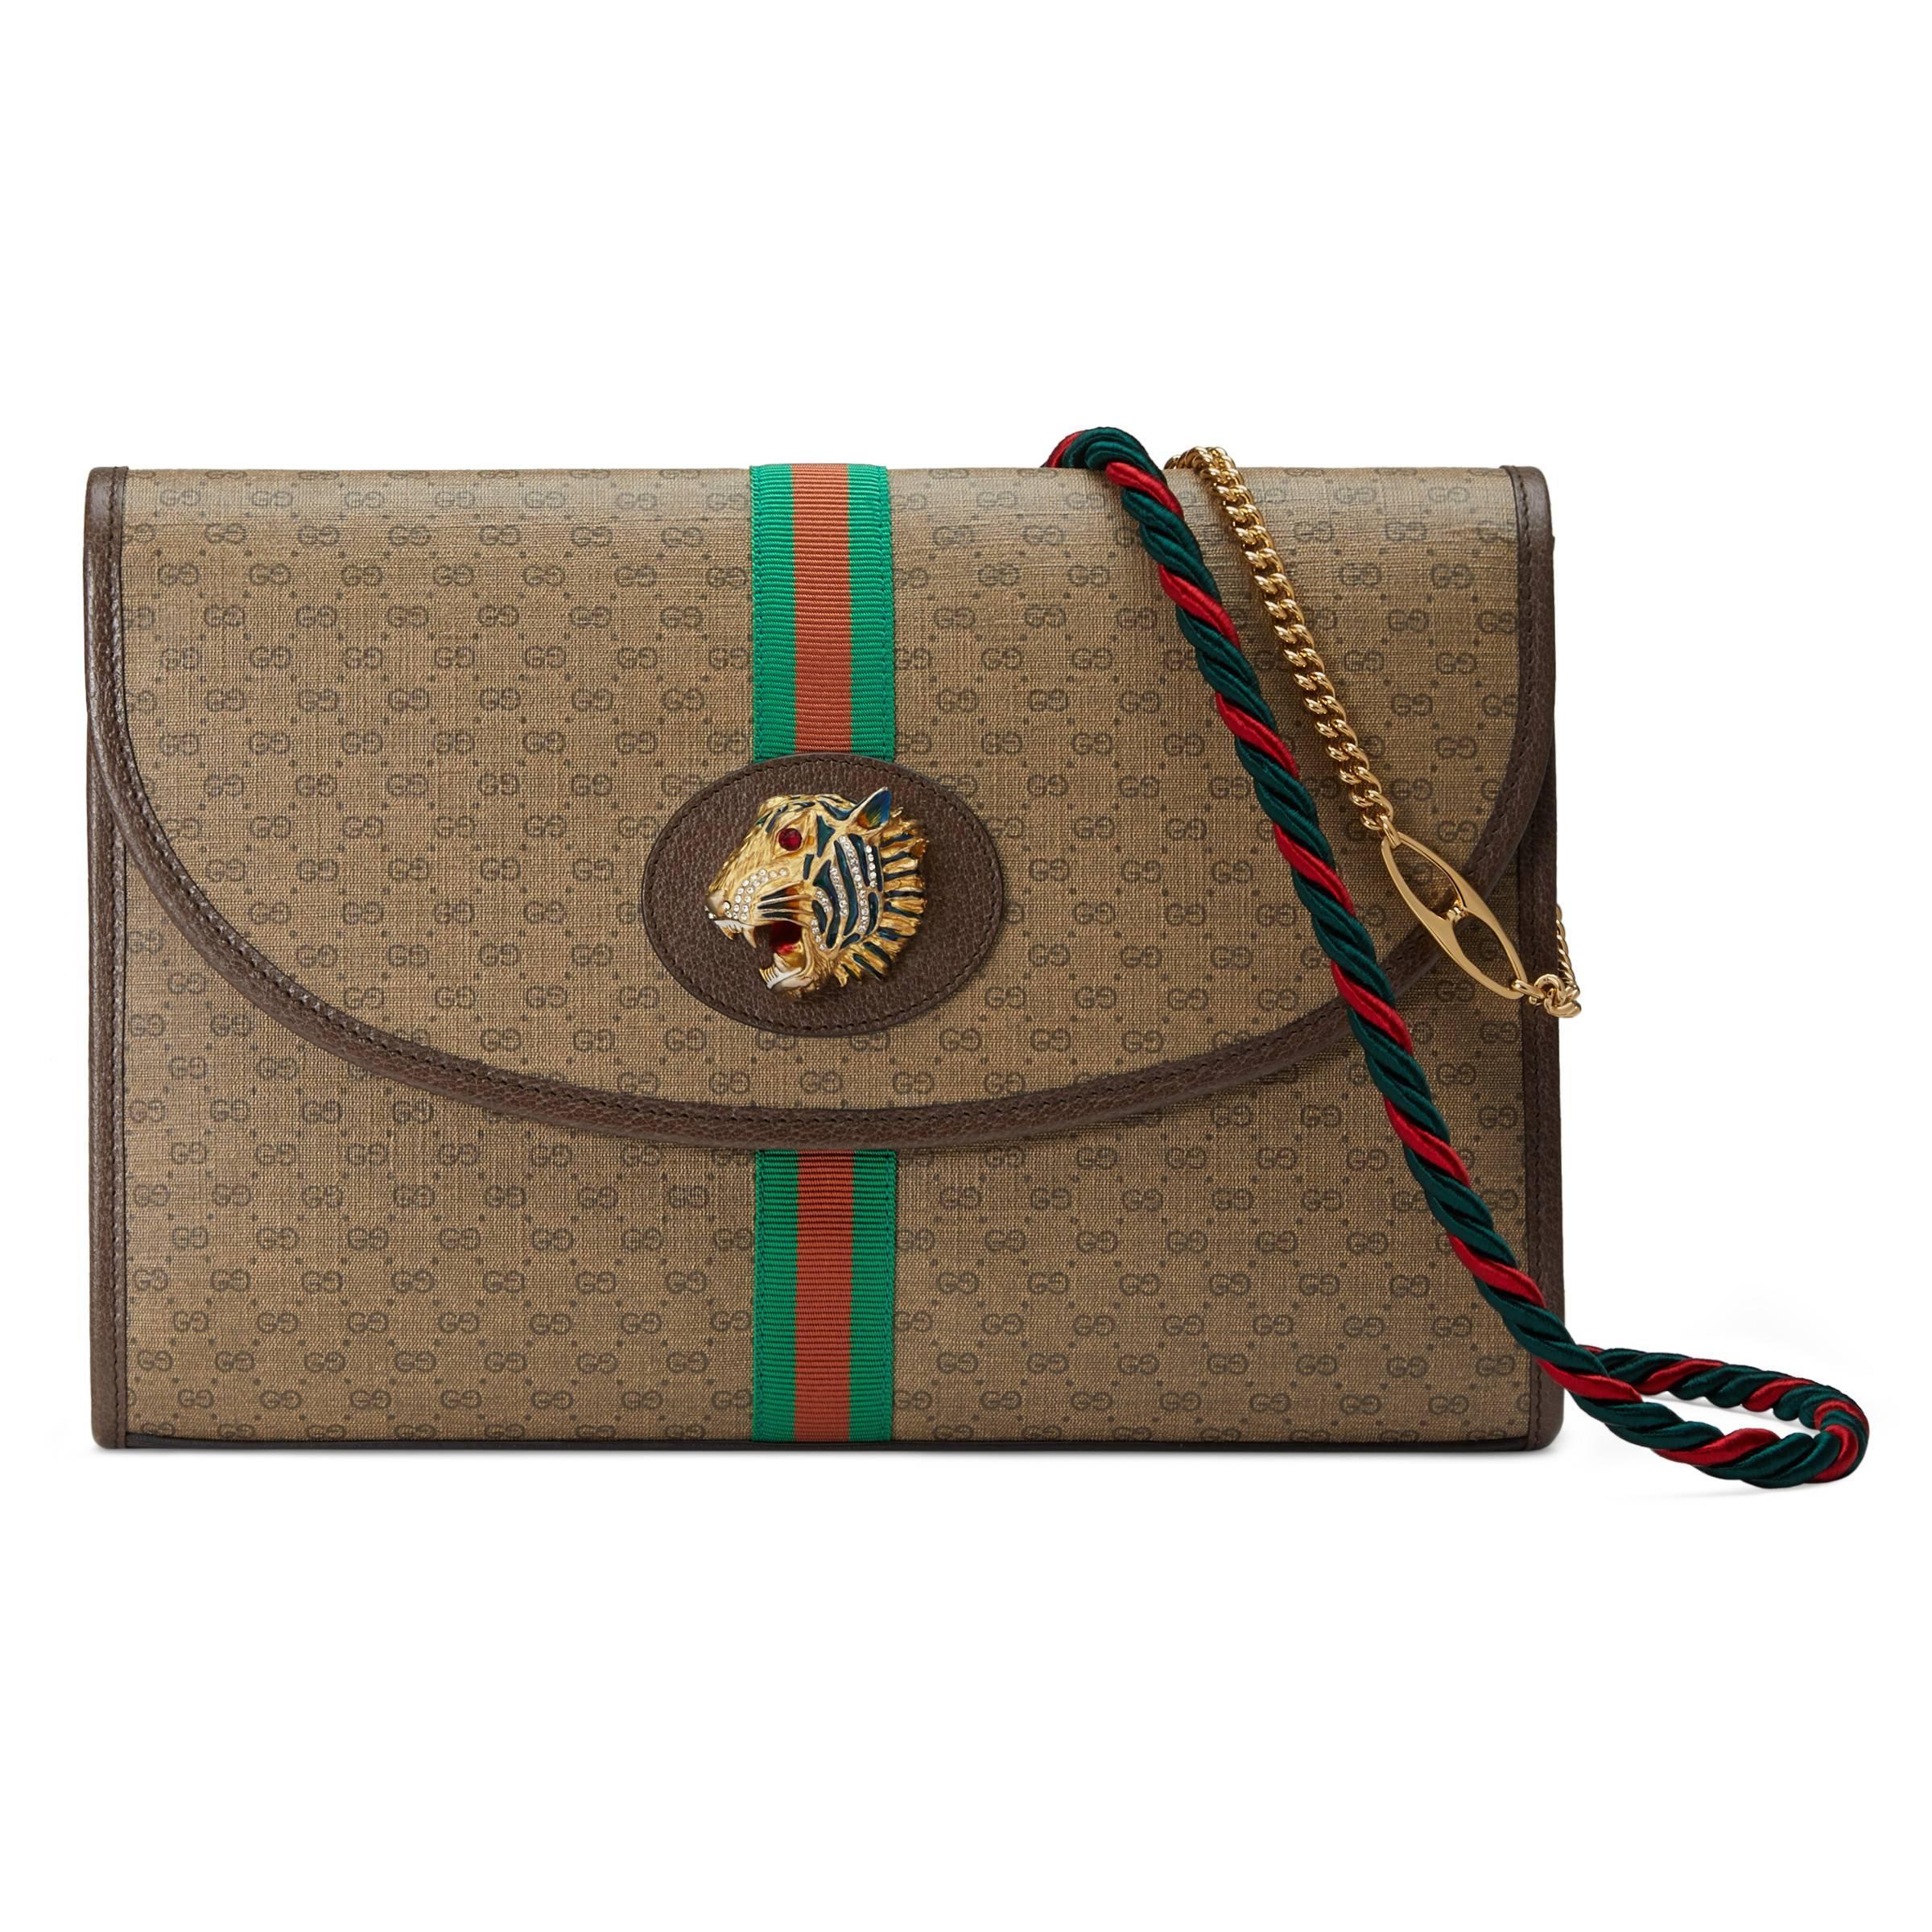 7ec86536099 Lyst - Sac à épaule Rajah GG taille moyenne Gucci en coloris Neutre